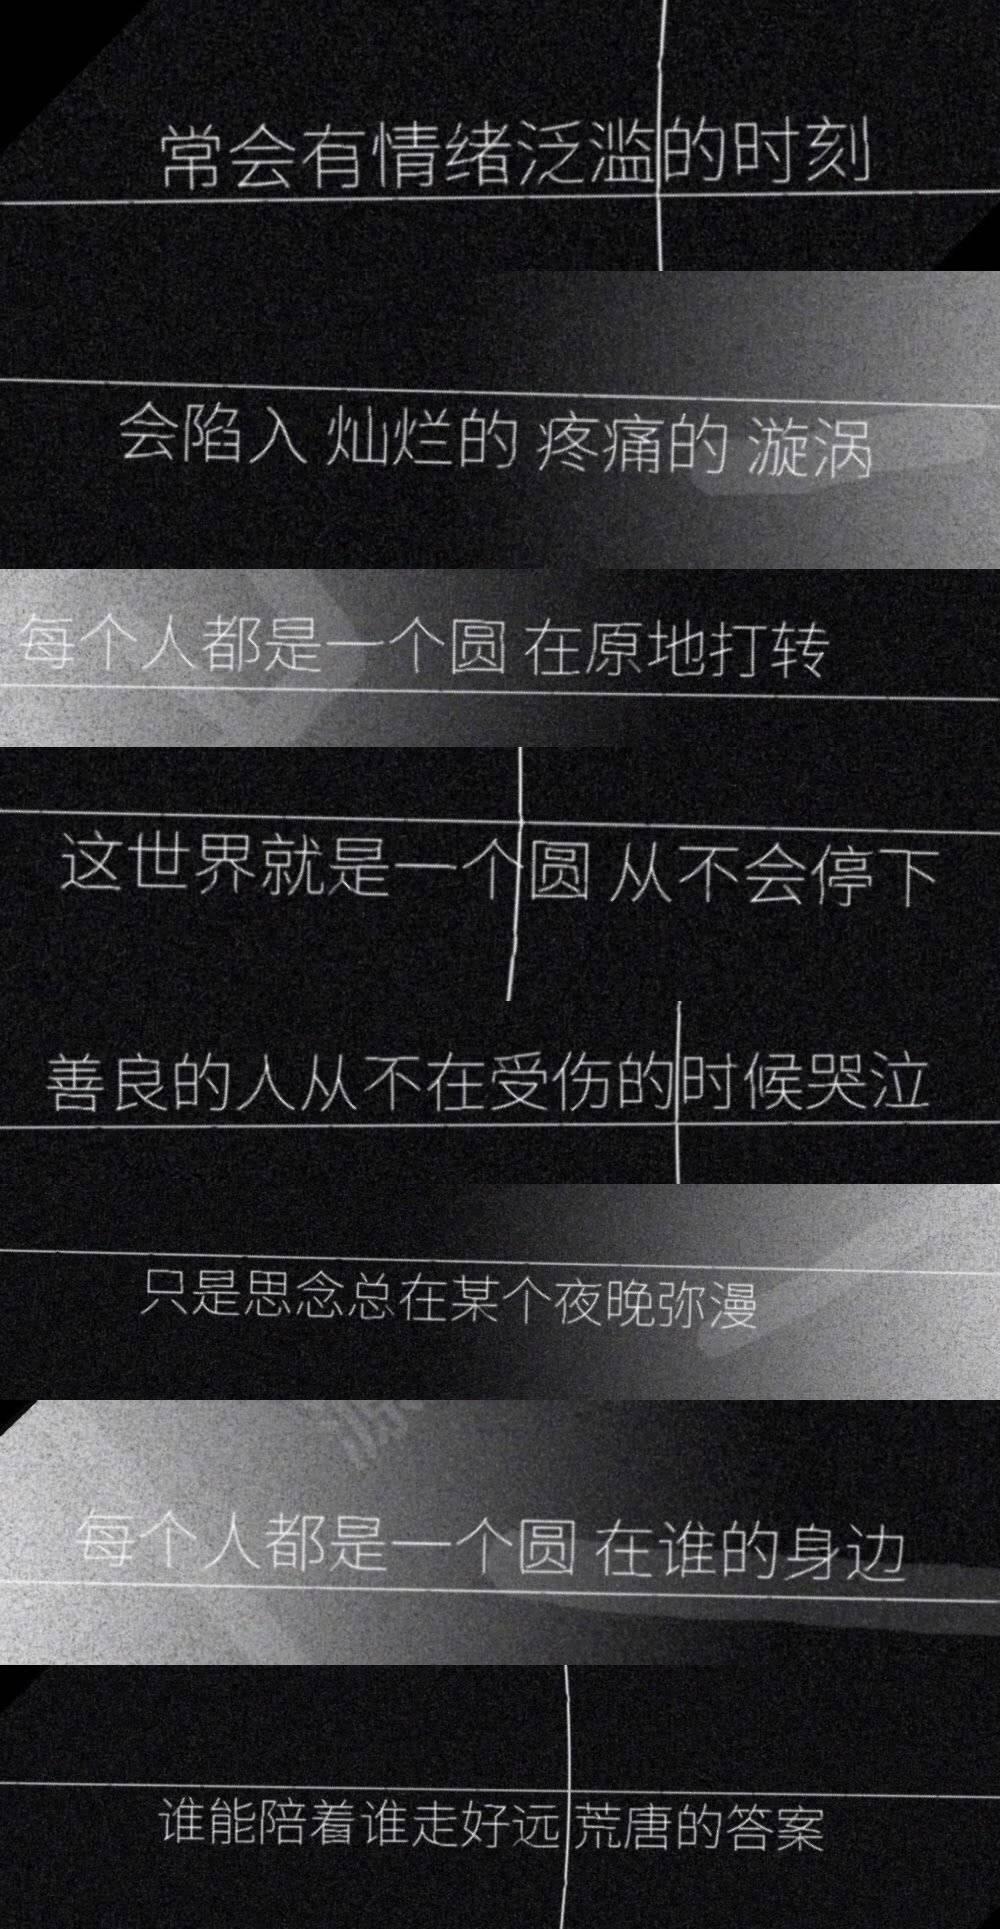 王源新歌发布当天是一个重要的纪念日,粉丝猜测他会发三次微博